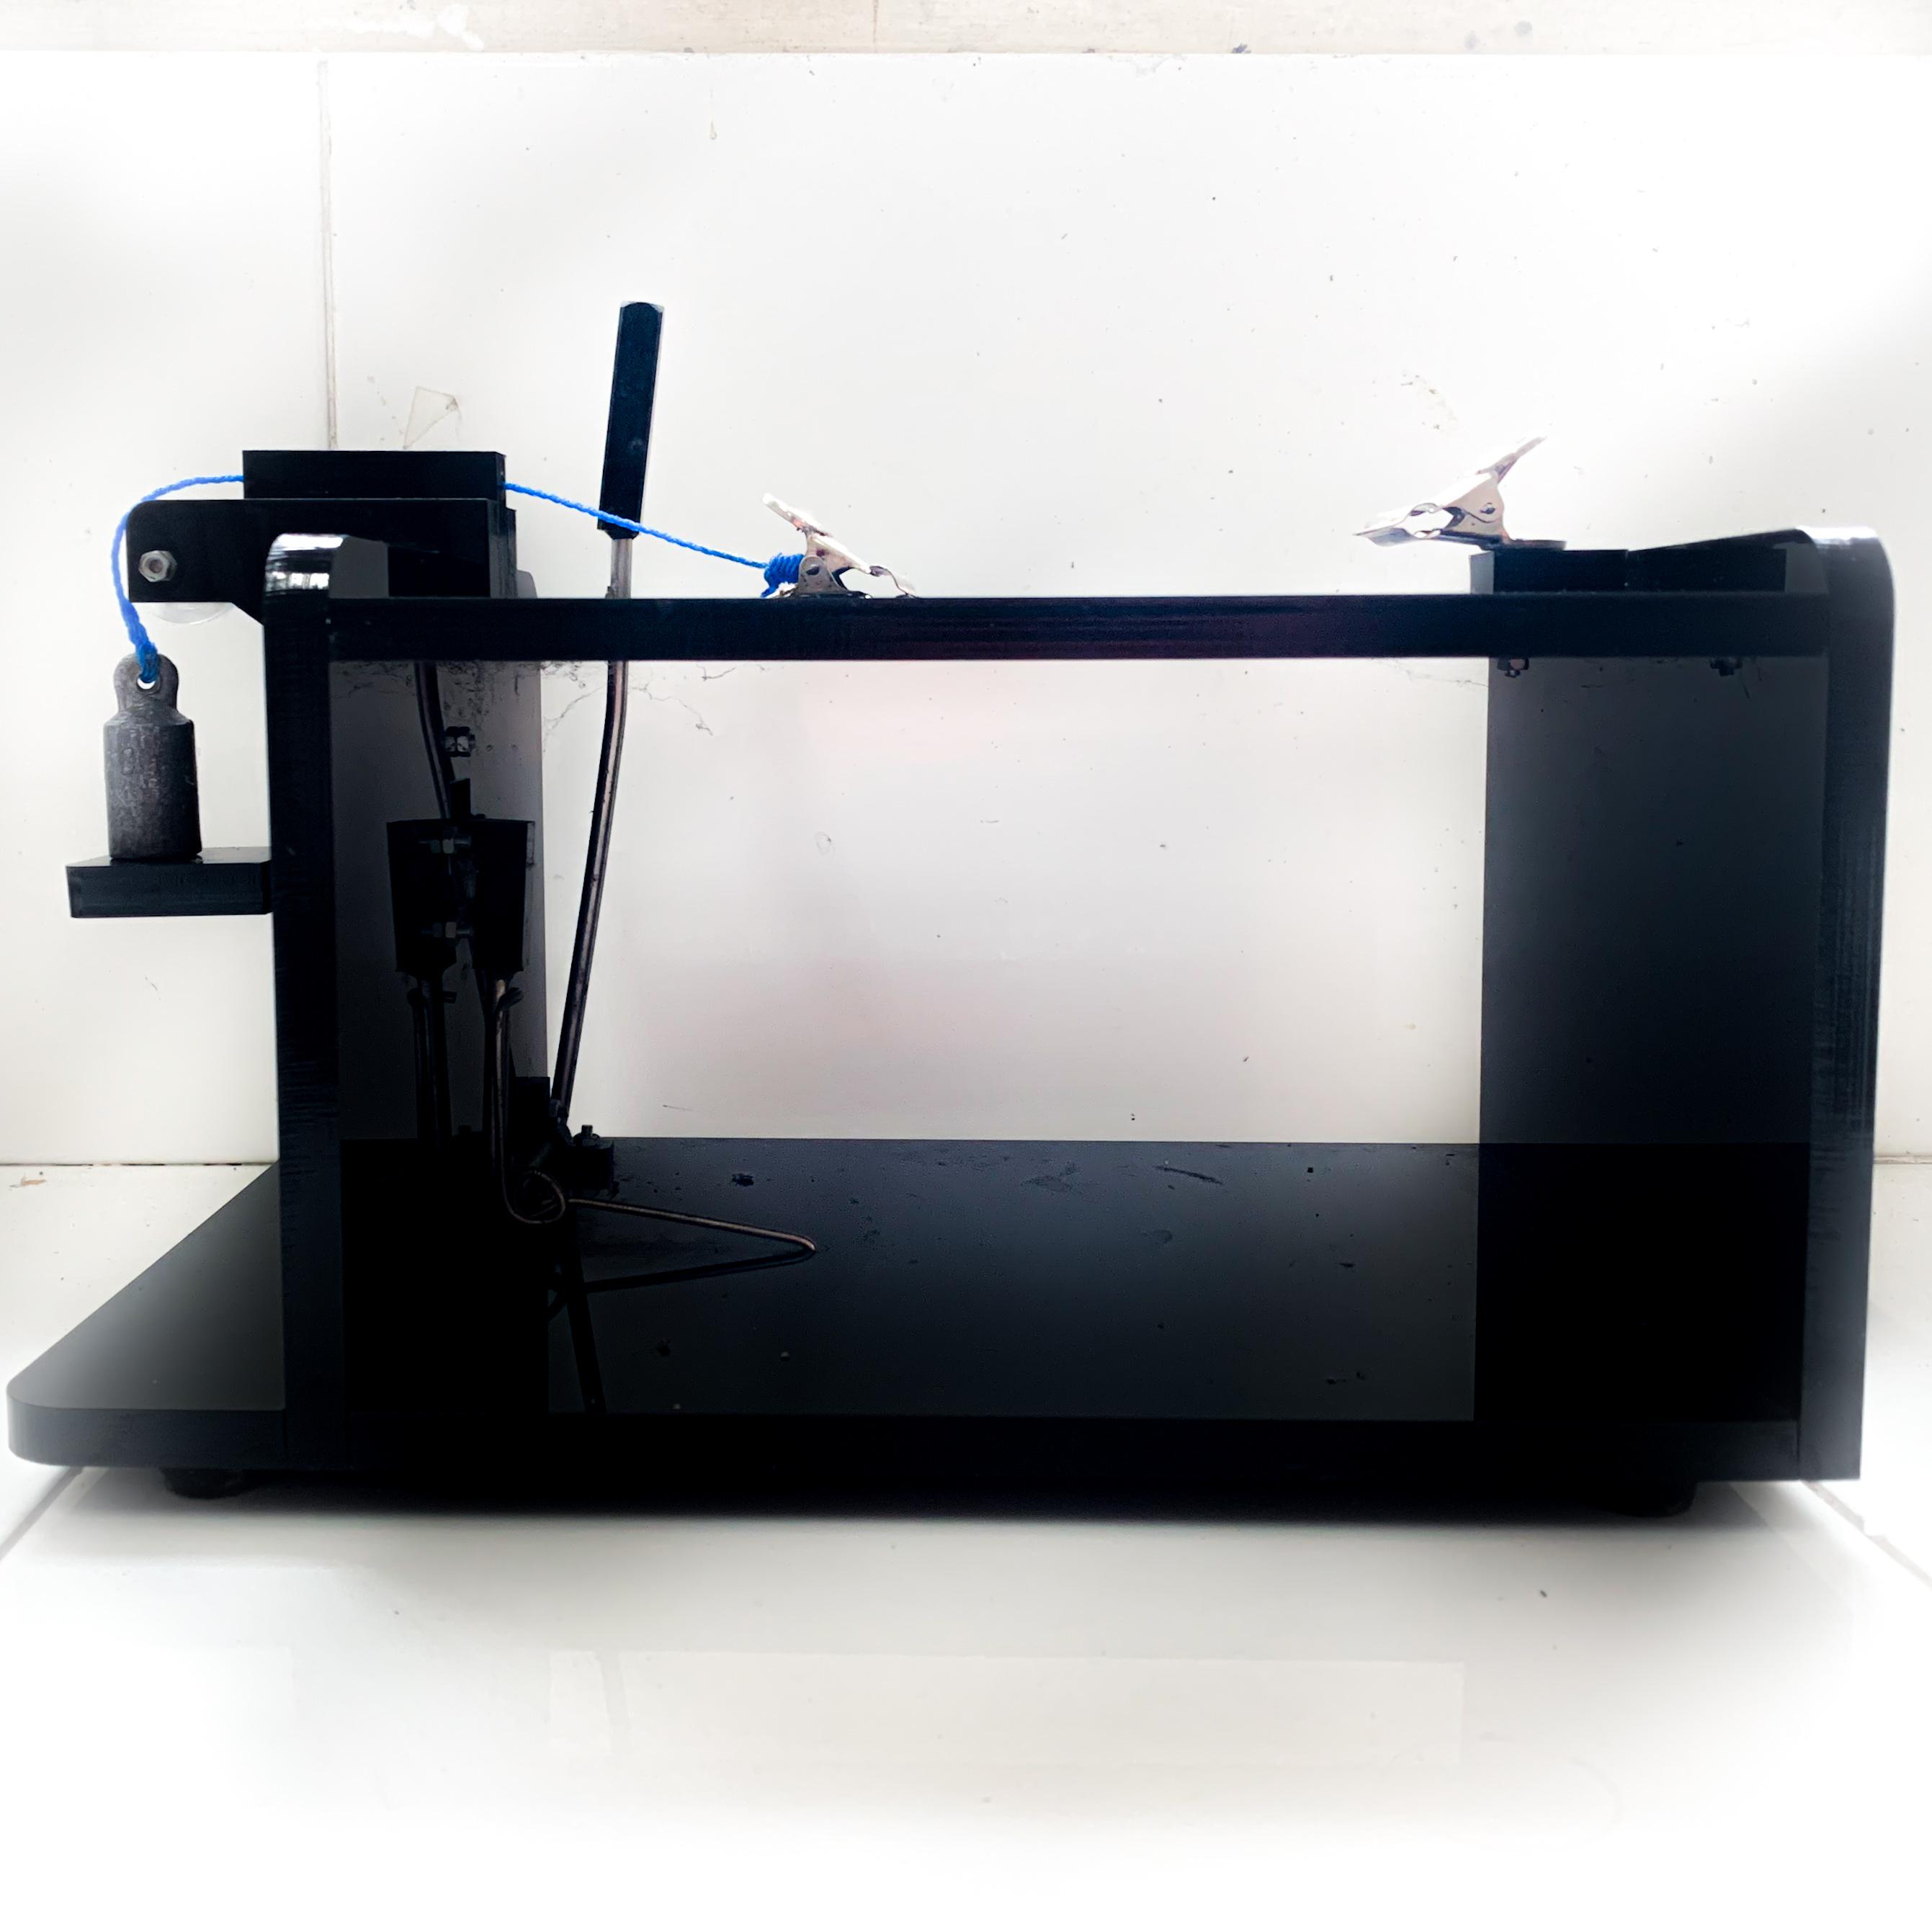 Laboratorium Instrument